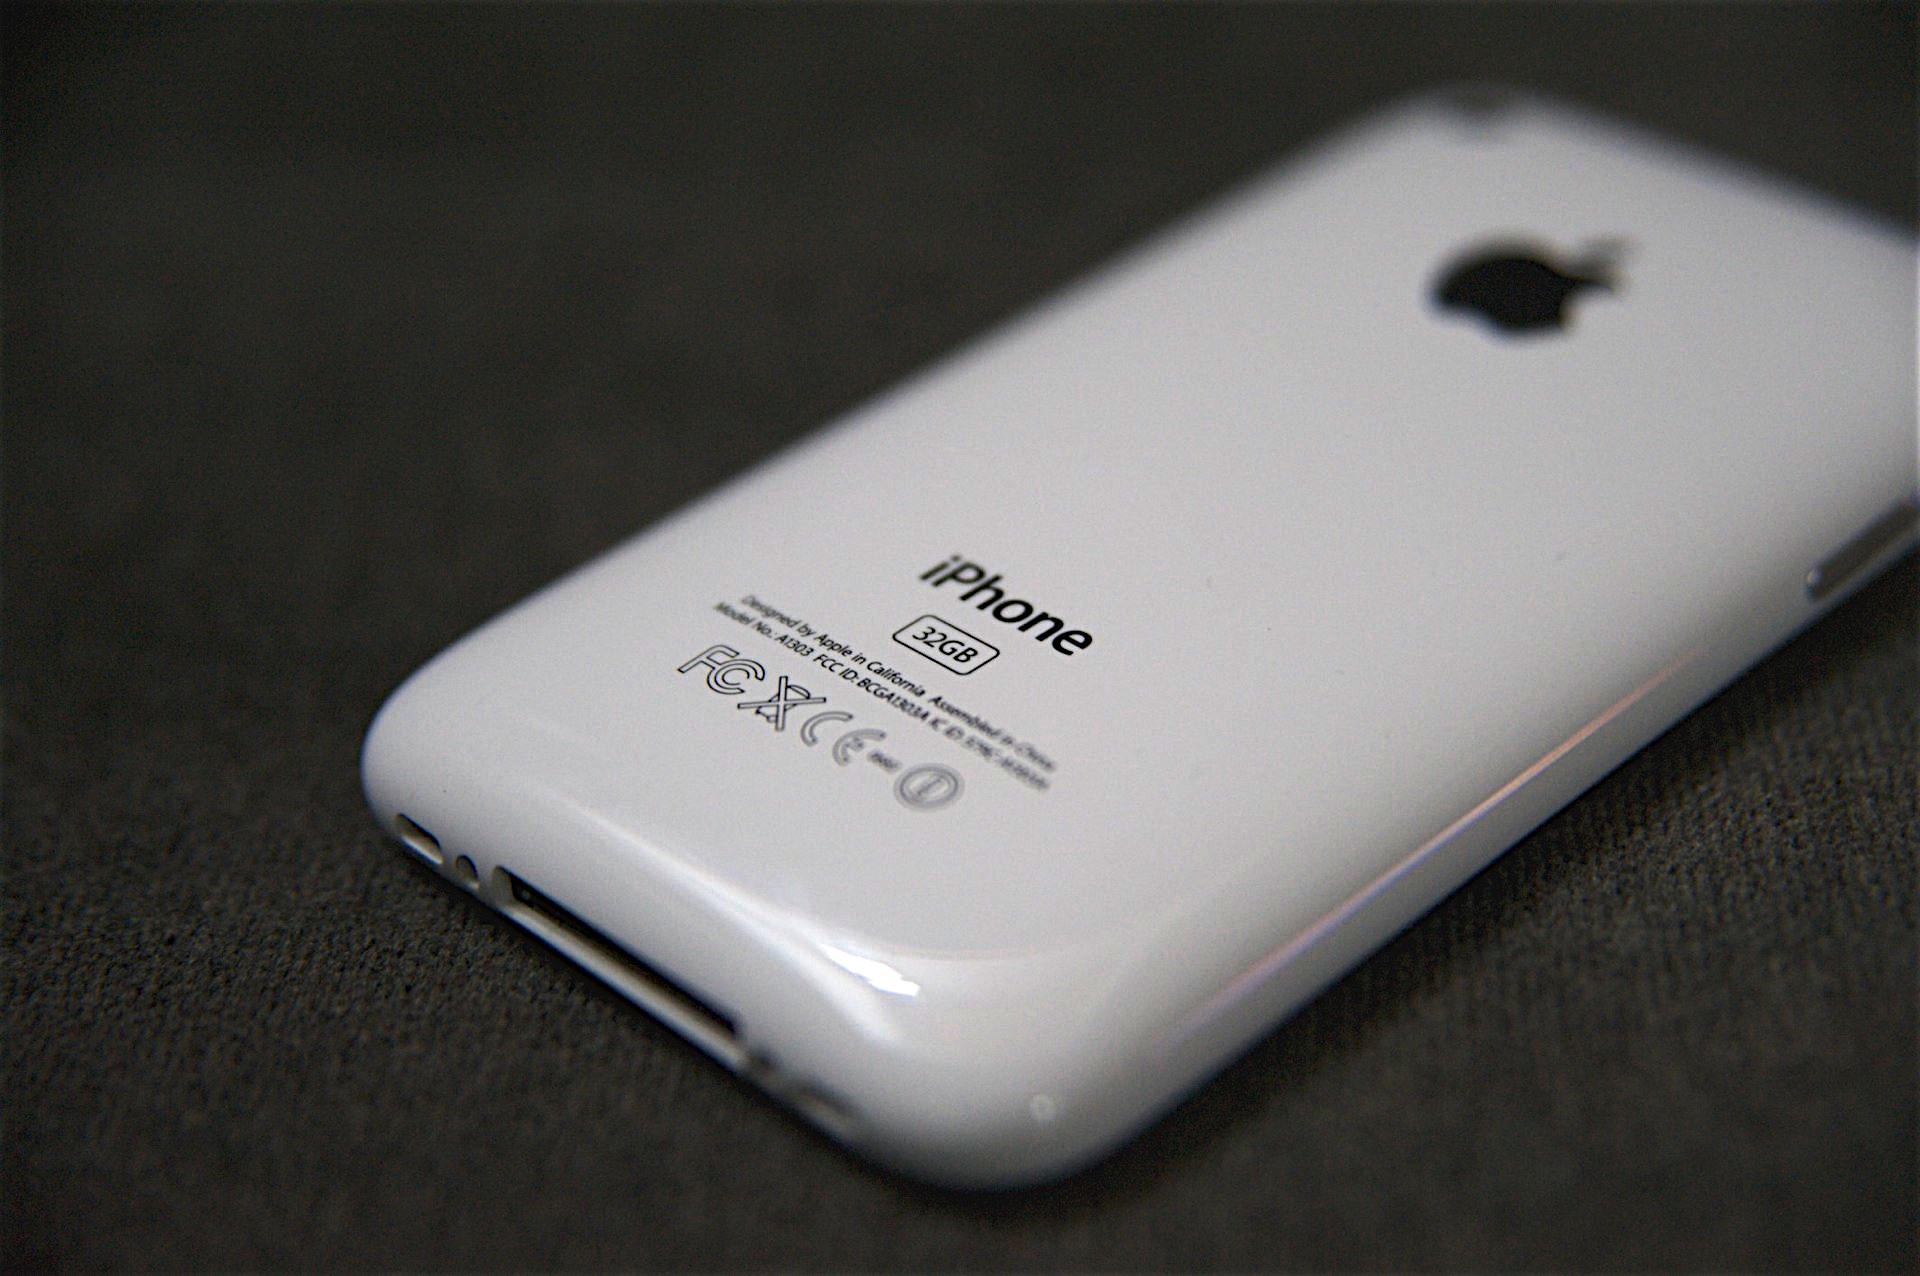 iPhone 3GS - 2009-й год. Утолщенный корпус, увеличенный объем оперативной памяти до 256 мб, а пользовательской - до 32 Гб. Новый процессор с частотой 833 мгц позволил смартфон работать вдвое быстрее предыдущих моделей.